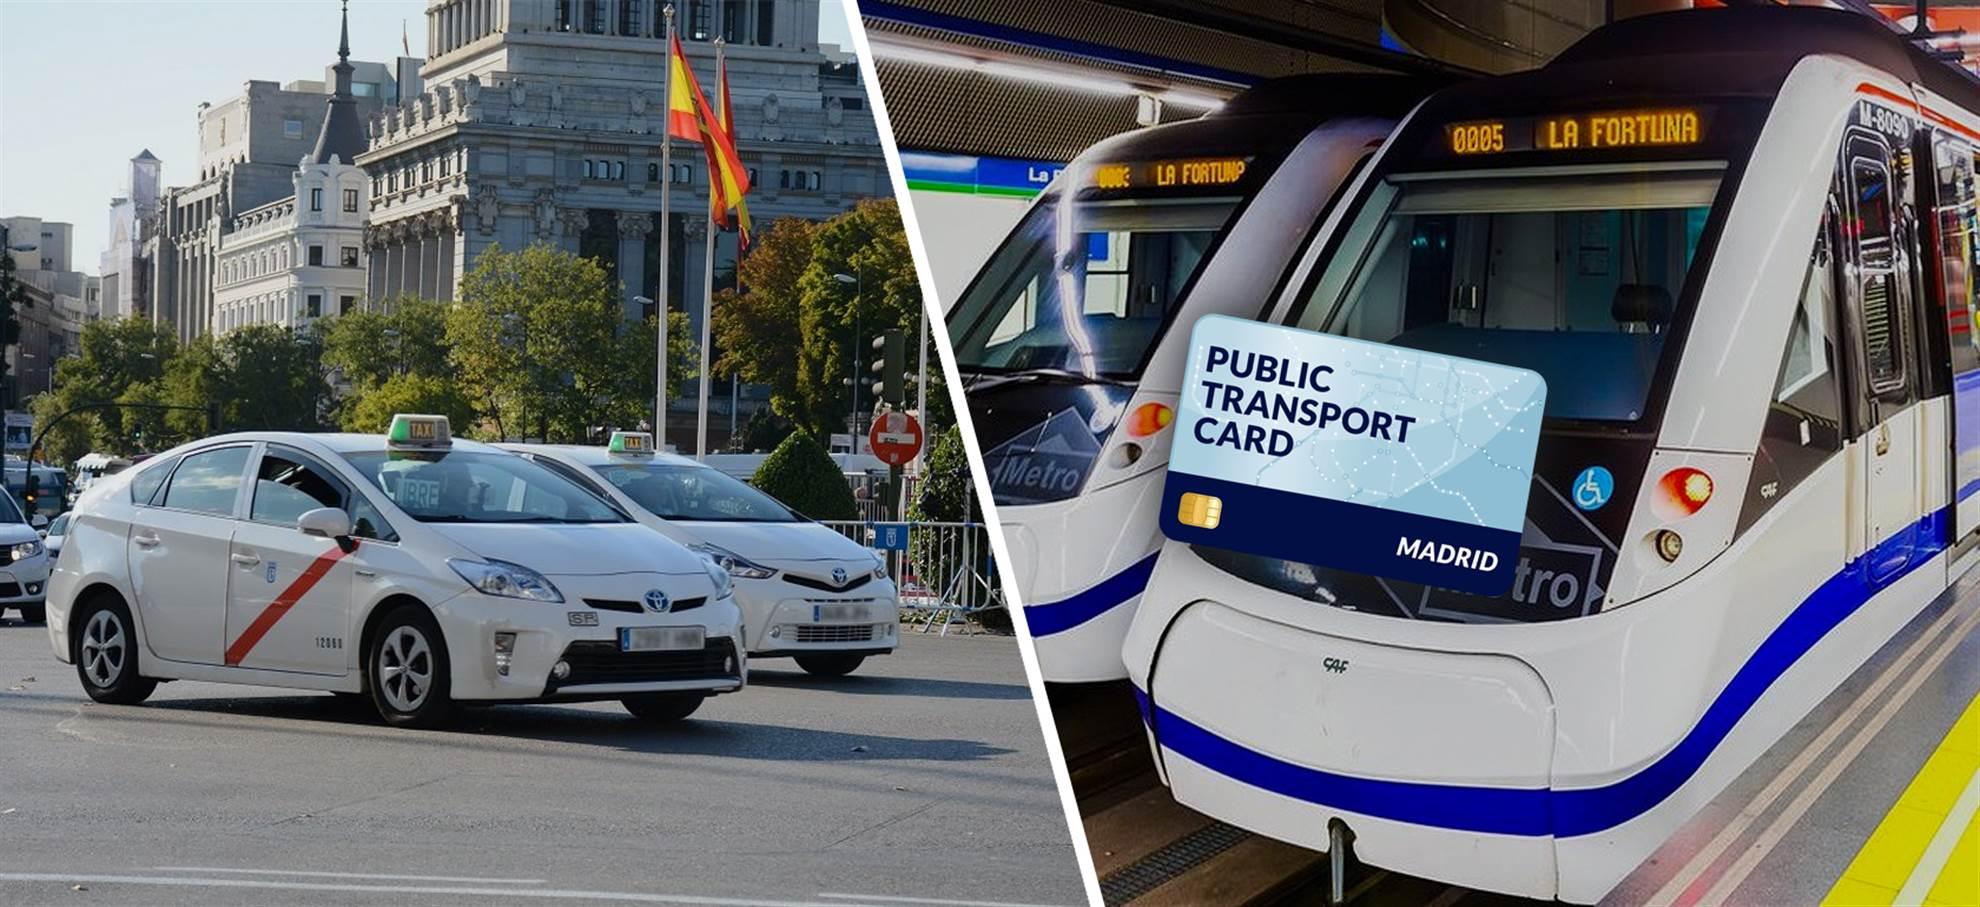 Madrid Public Transportation Card (+Airport Transfer)